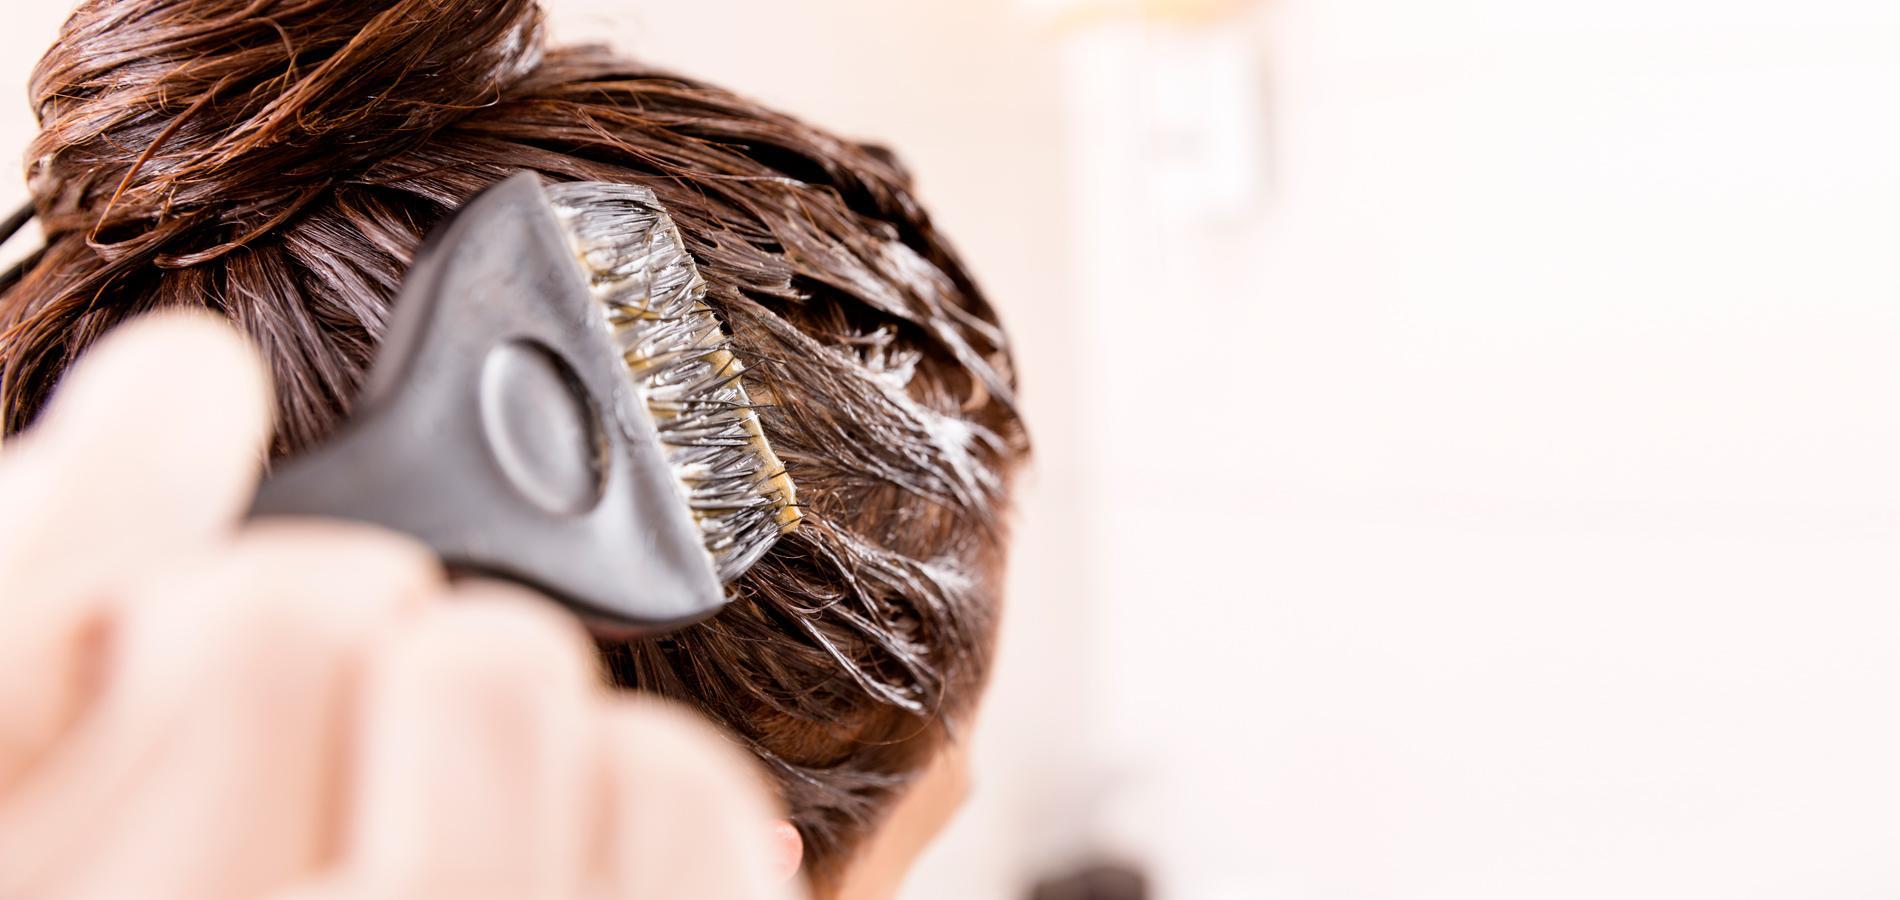 Teinture pour les cheveux 8 13 avis